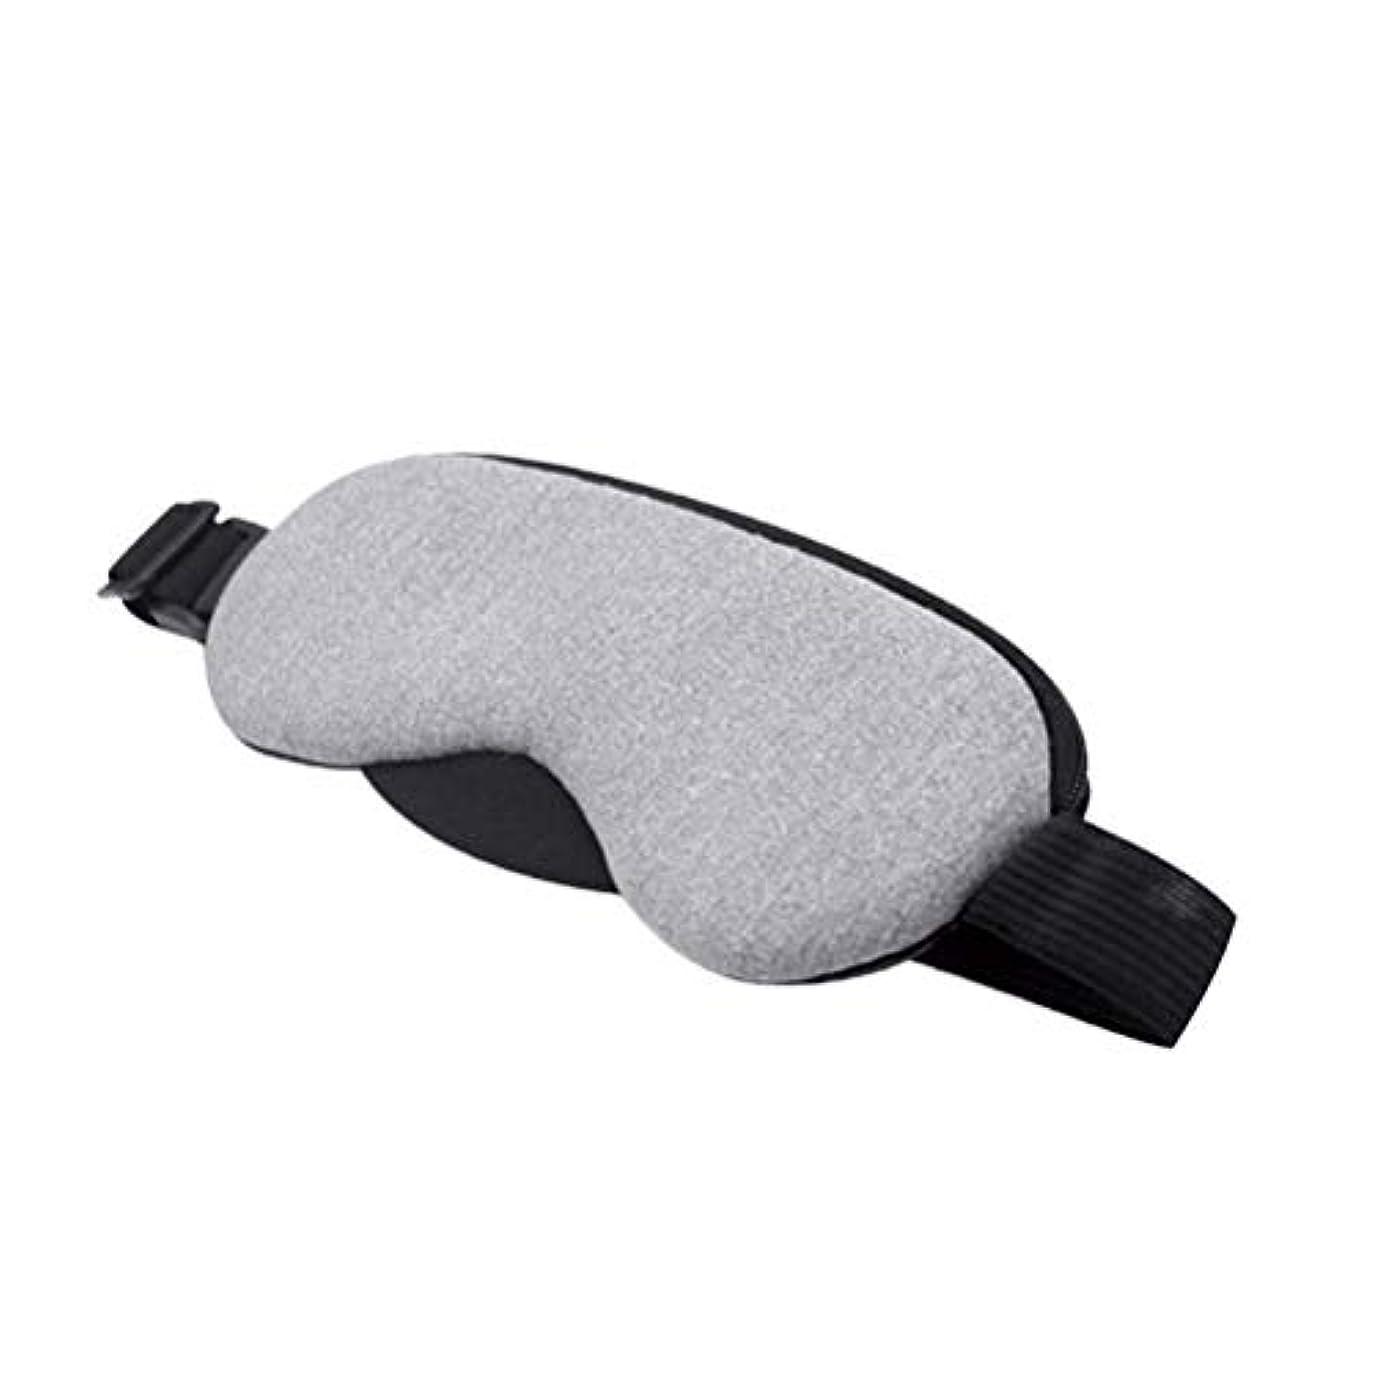 方法合唱団クールHealifty アイマスク 蒸気ホットアイマスク USB 加熱式 スリーピングアイマスク 温度とタイミング制御 吹き出物/乾燥/疲れた目(灰色)